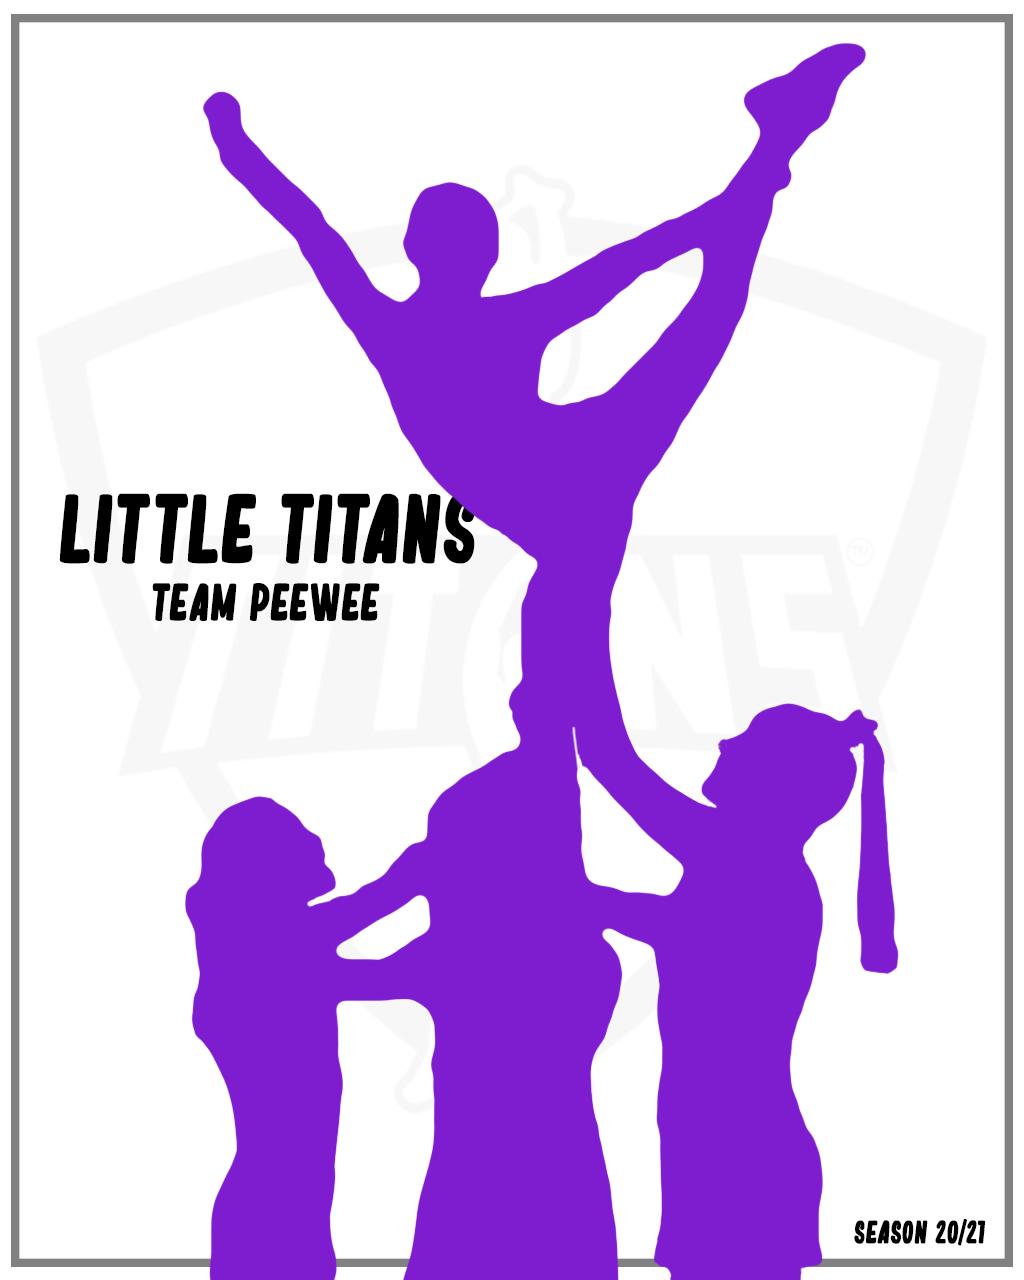 Little Titans